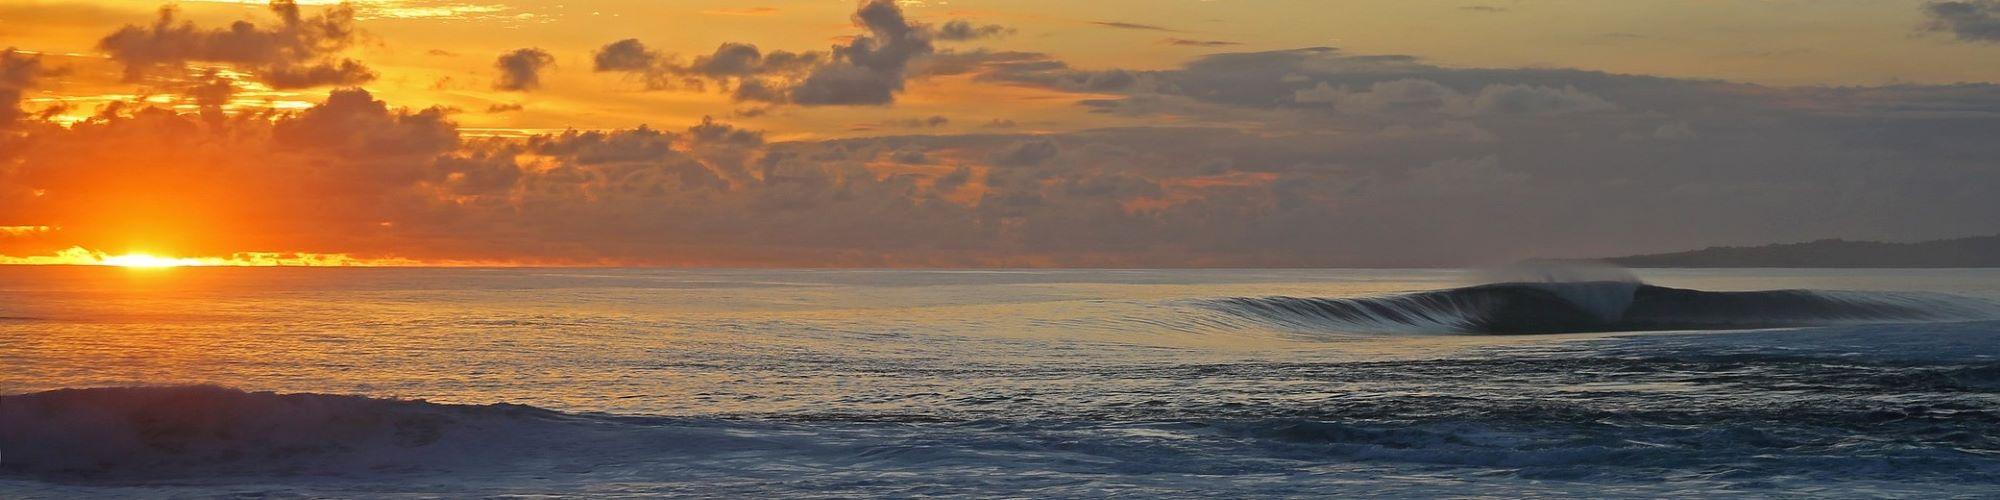 newport ocean (2)